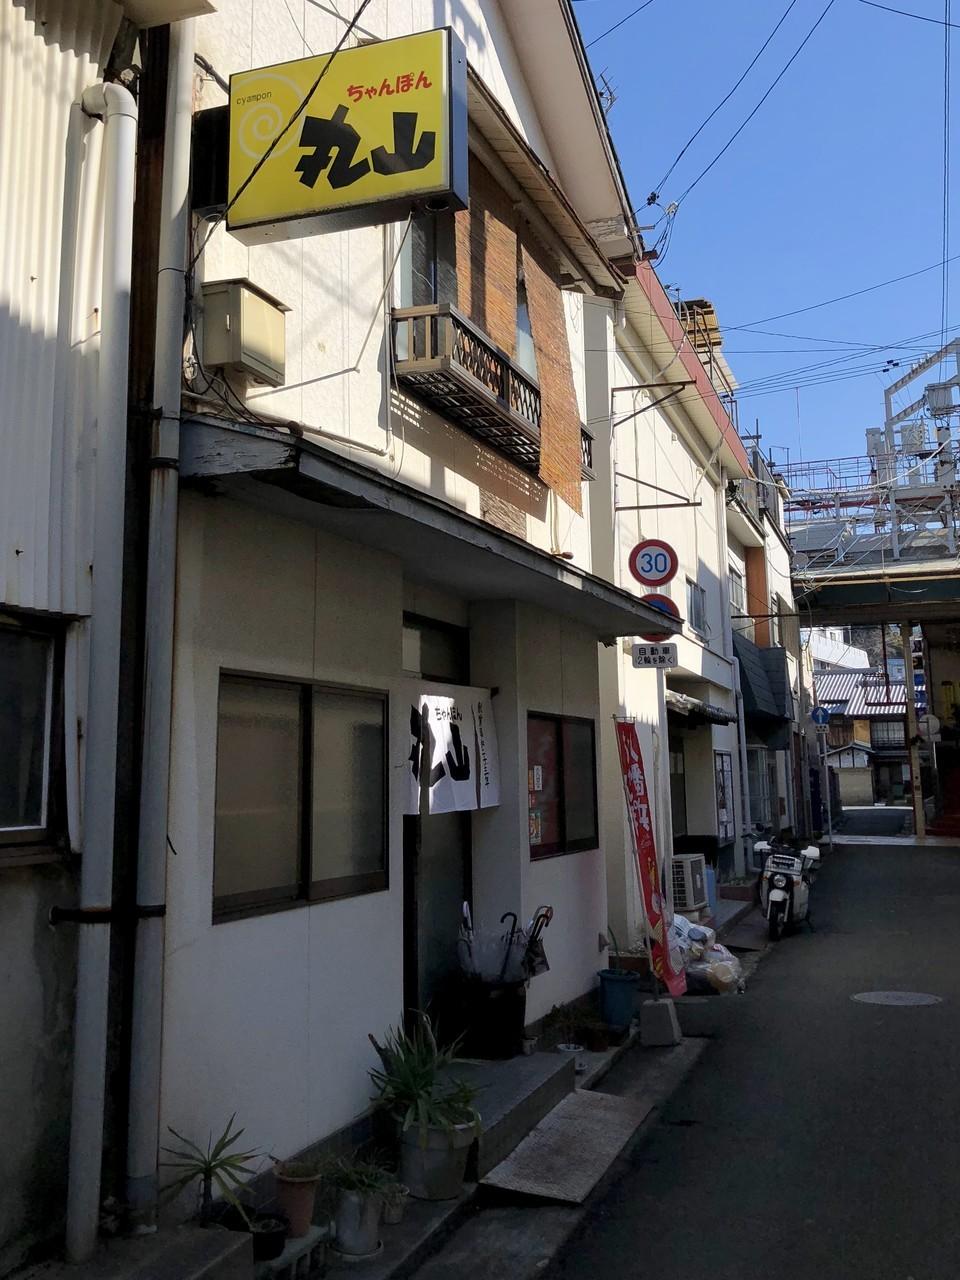 丸山ちゃんぽん image